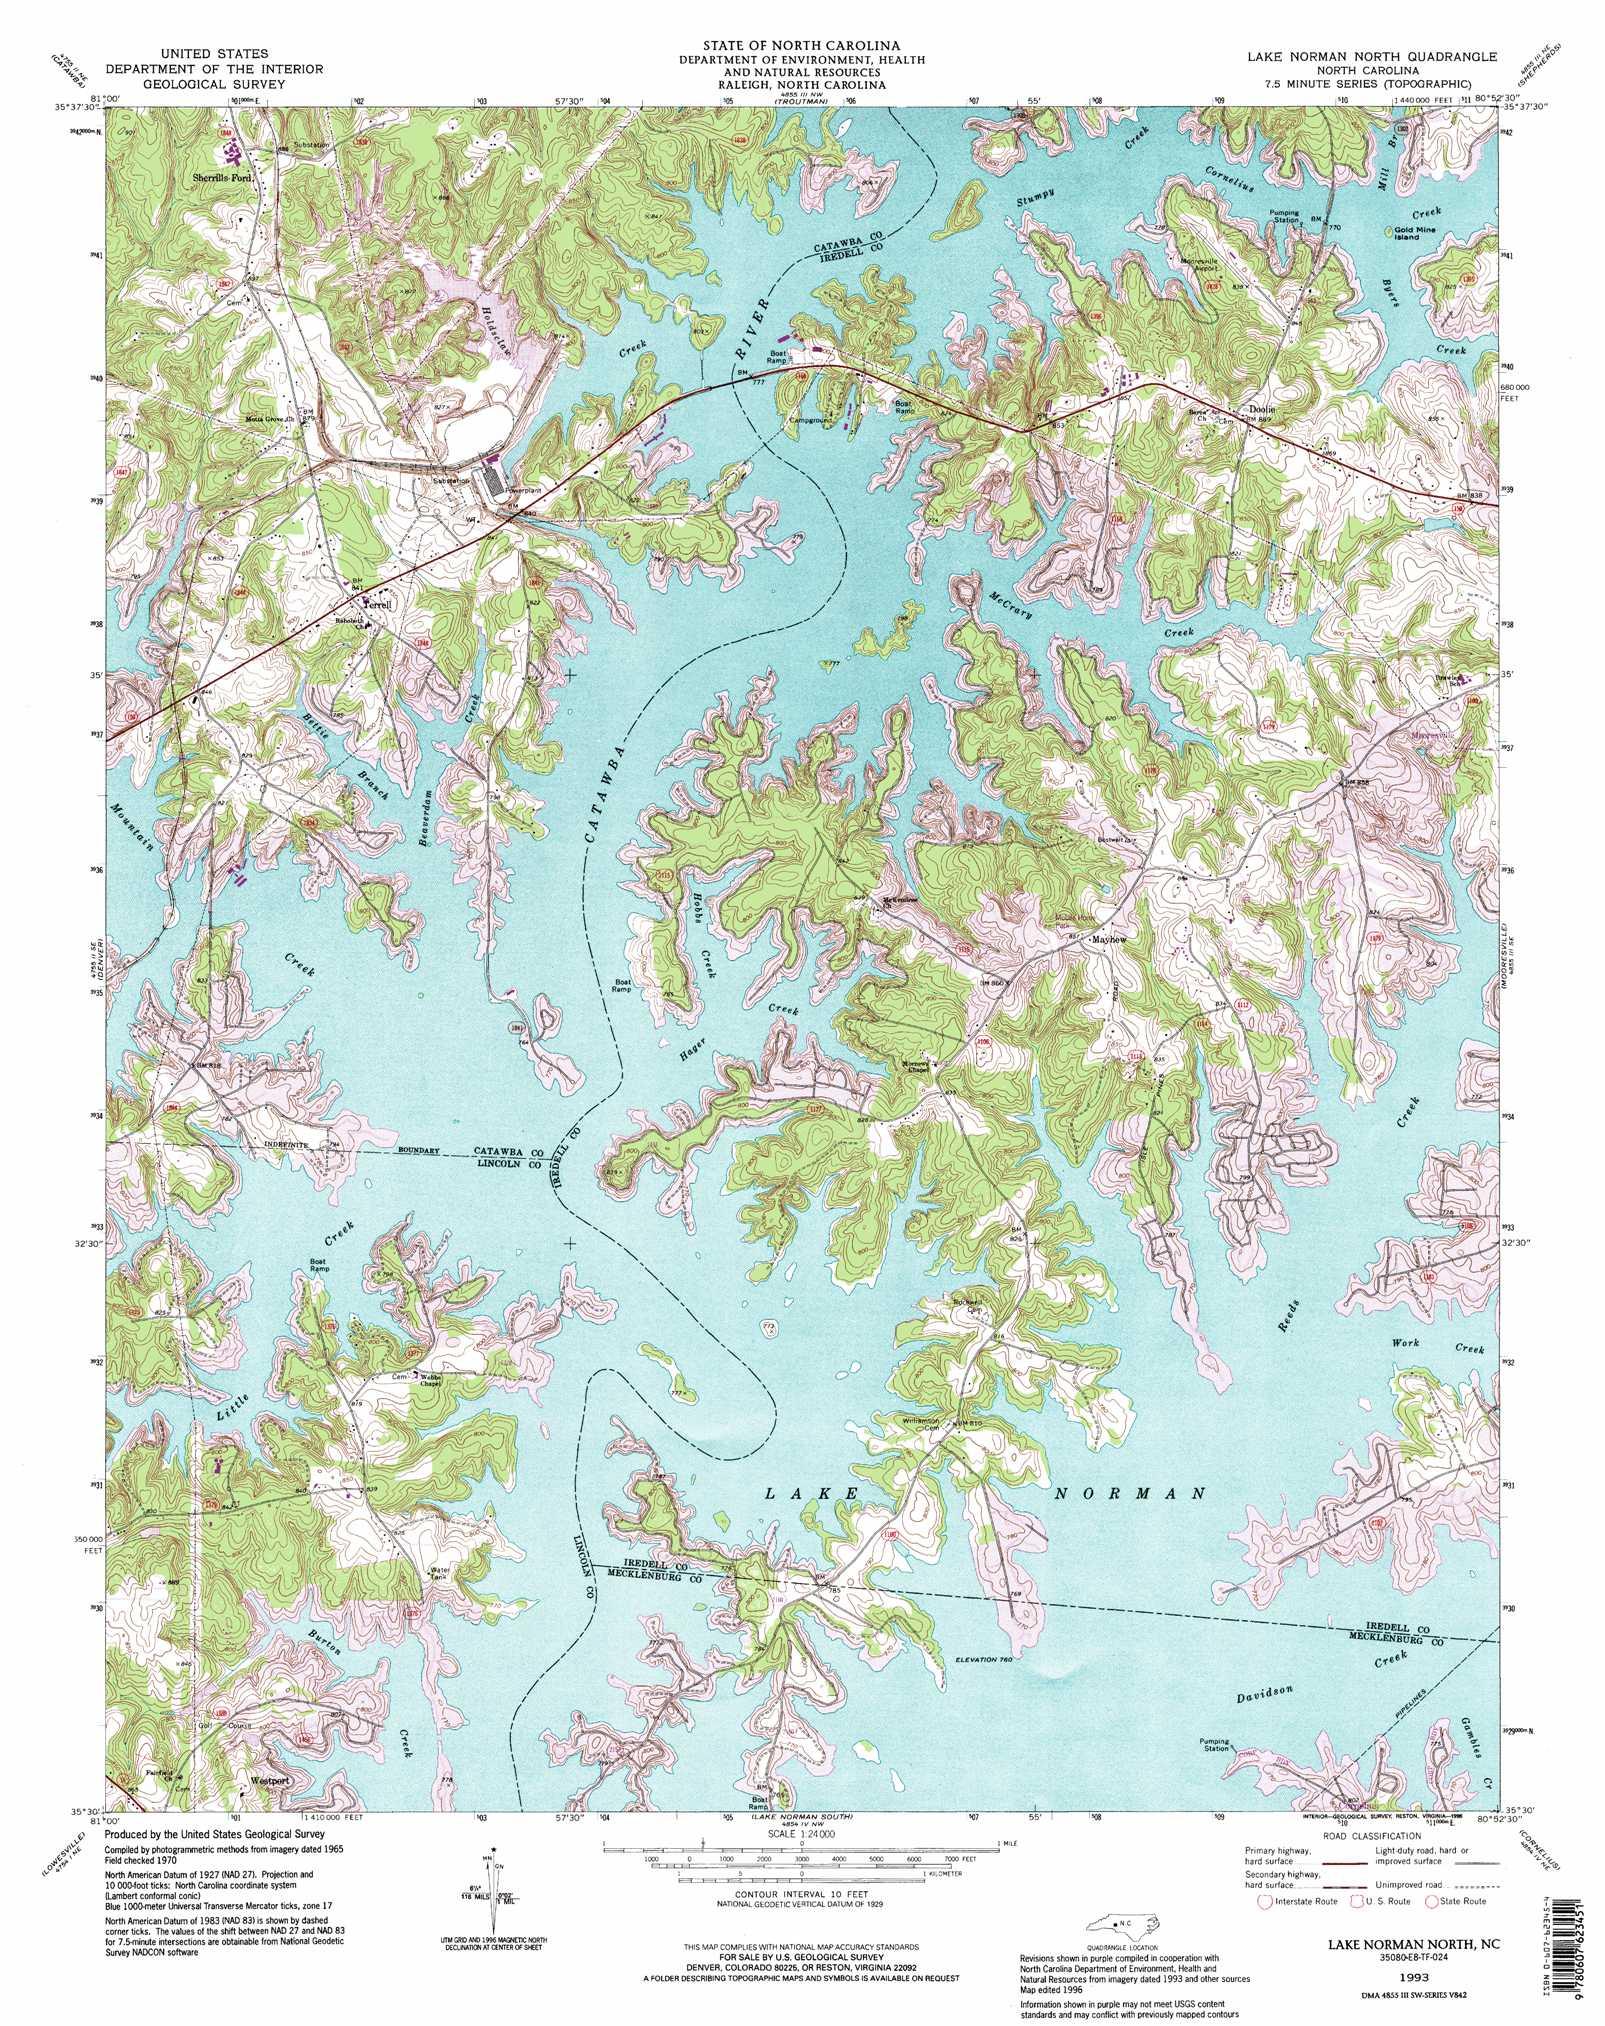 Lake Norman North Topographic Map Nc Usgs Topo Quad 35080e8